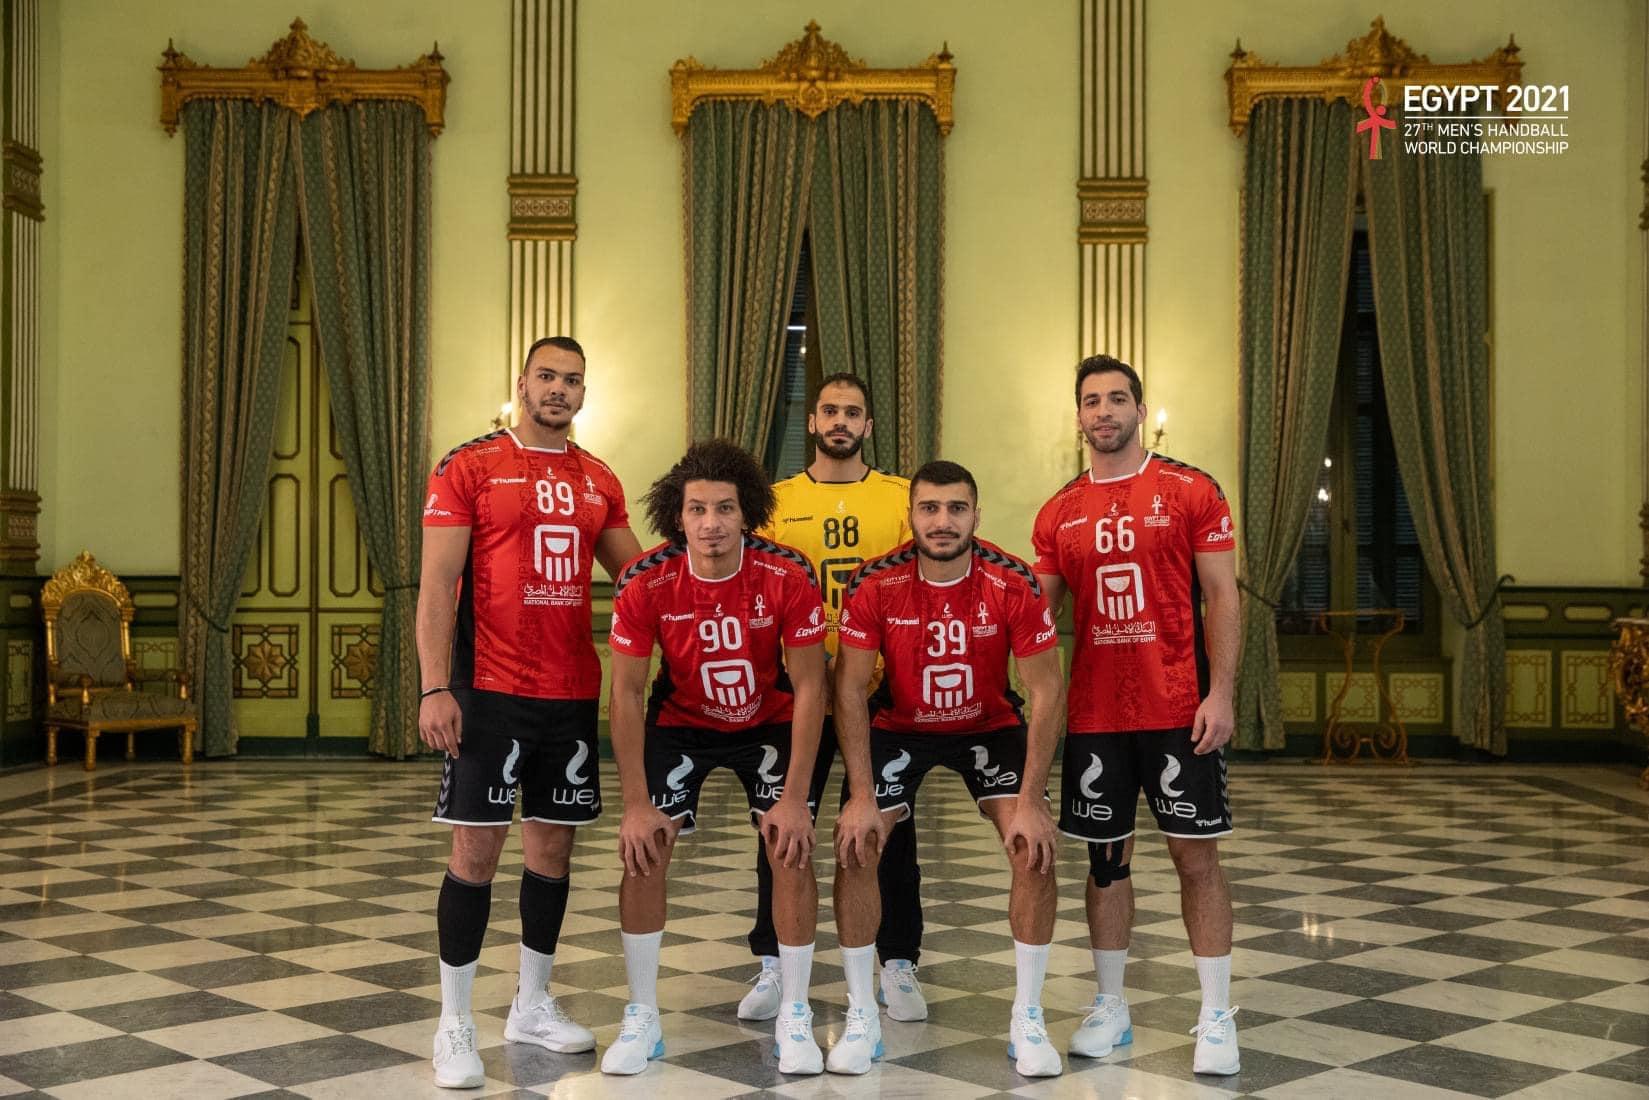 منتخب مصر لكرة اليد يصعد الي الدور الثاني بكأس العالم ب 38 هدف